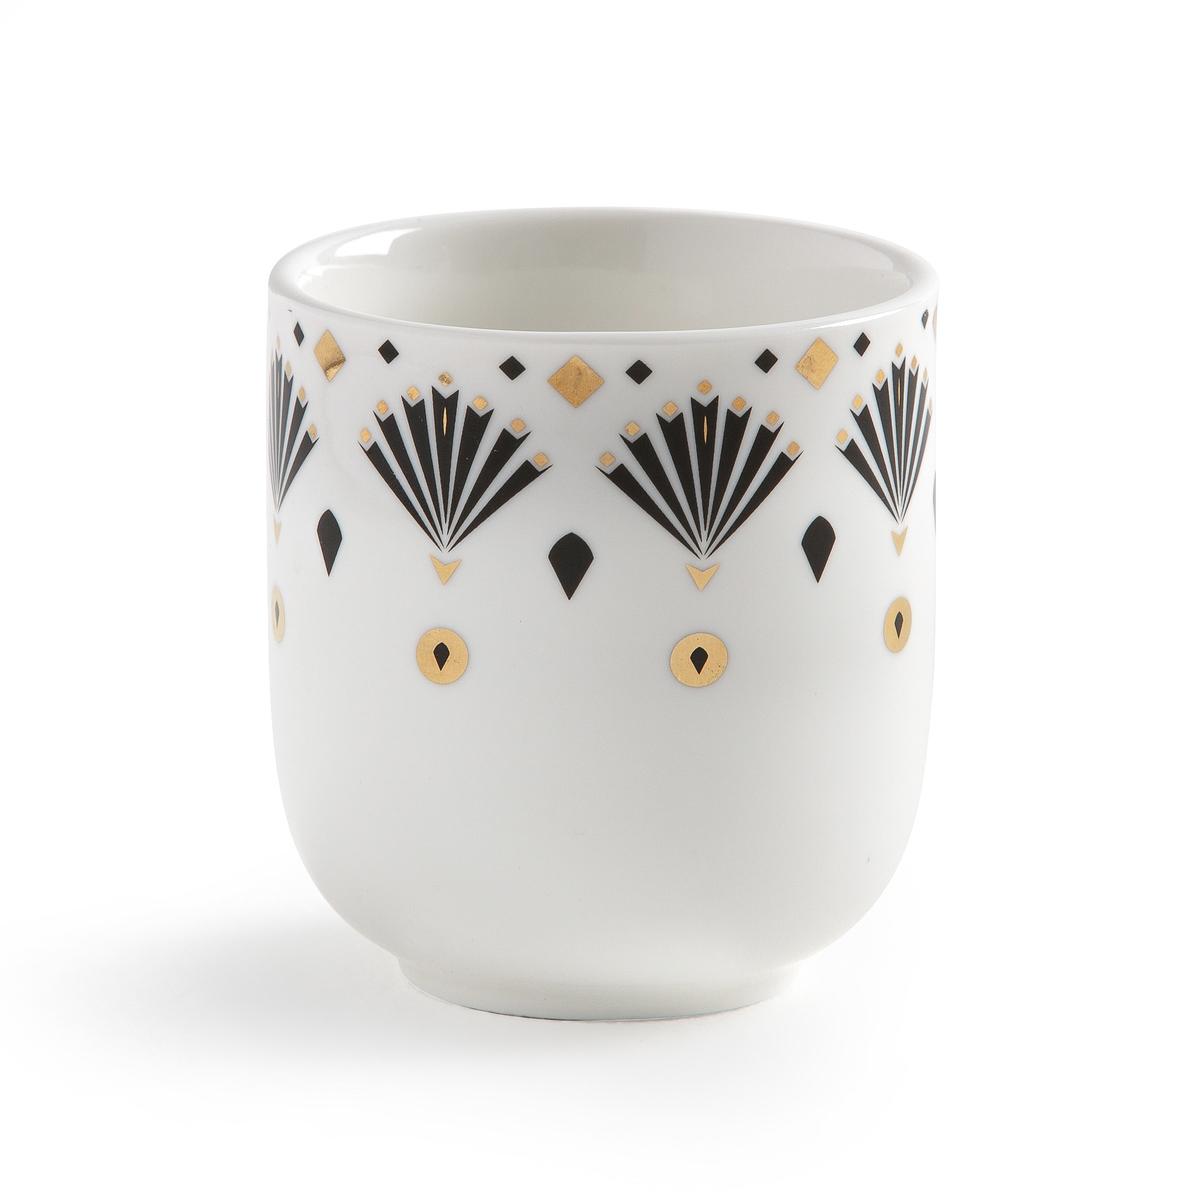 4 чашки для эспрессо MELLAHОписание:4 чашки для эспрессо Mellah . Чашки для эспрессо Mellah внесут нотку элегантности и стиля на ваш стол .  Описание чашек Mellah :Фарфор с декором .Подходят для микроволновой печи и посудомоечной машины  .Размеры 1 чашки Mellah :Диаметр 6,6 см Высота : 7 смНайдите всю коллекцию Art de la table Mellah на сайте laredoute .ru.<br><br>Цвет: рисунок + белый